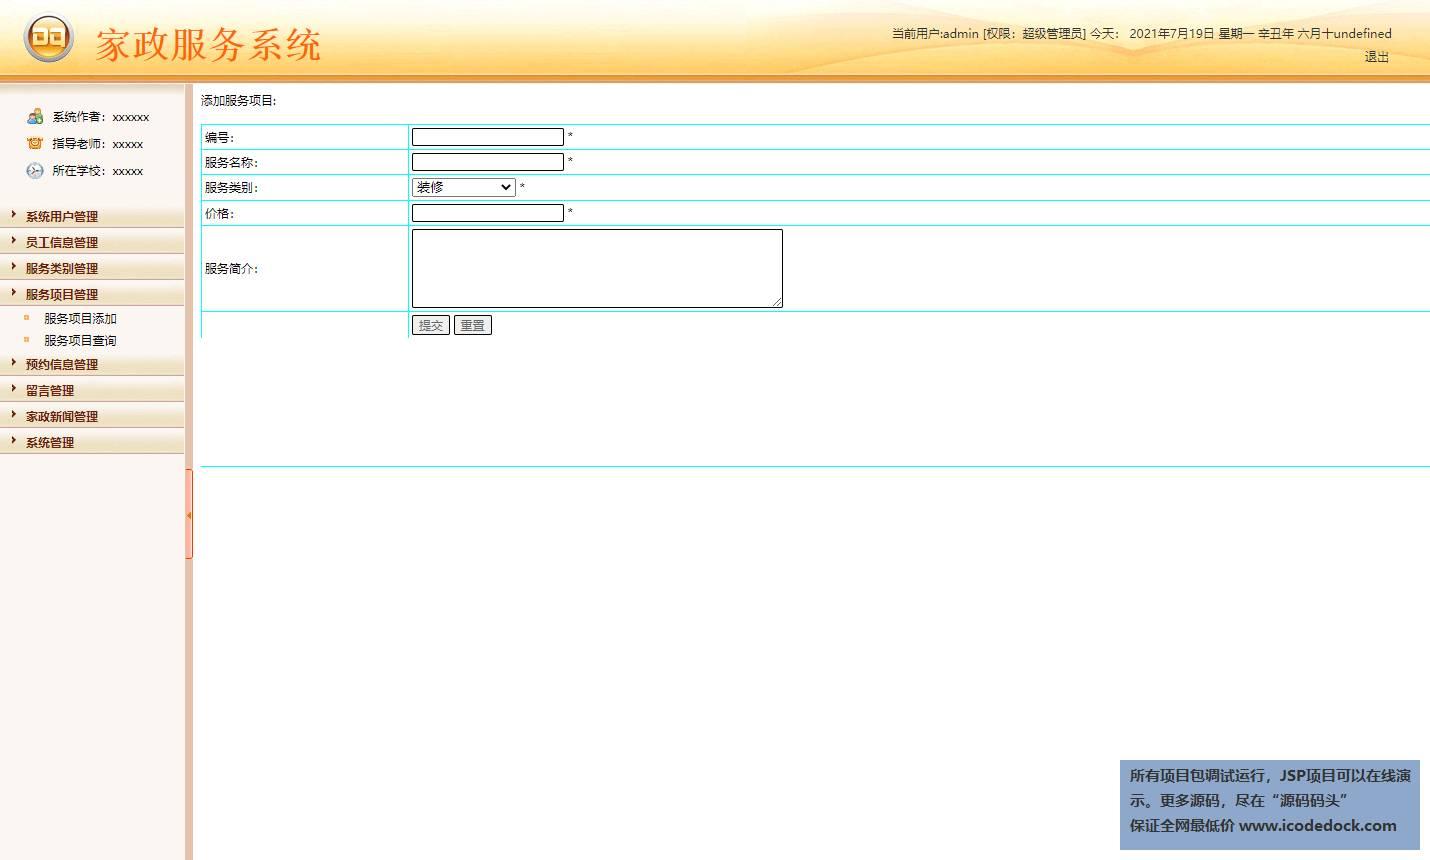 源码码头-JSP在线家政服务平台网站-管理员角色-服务项目管理